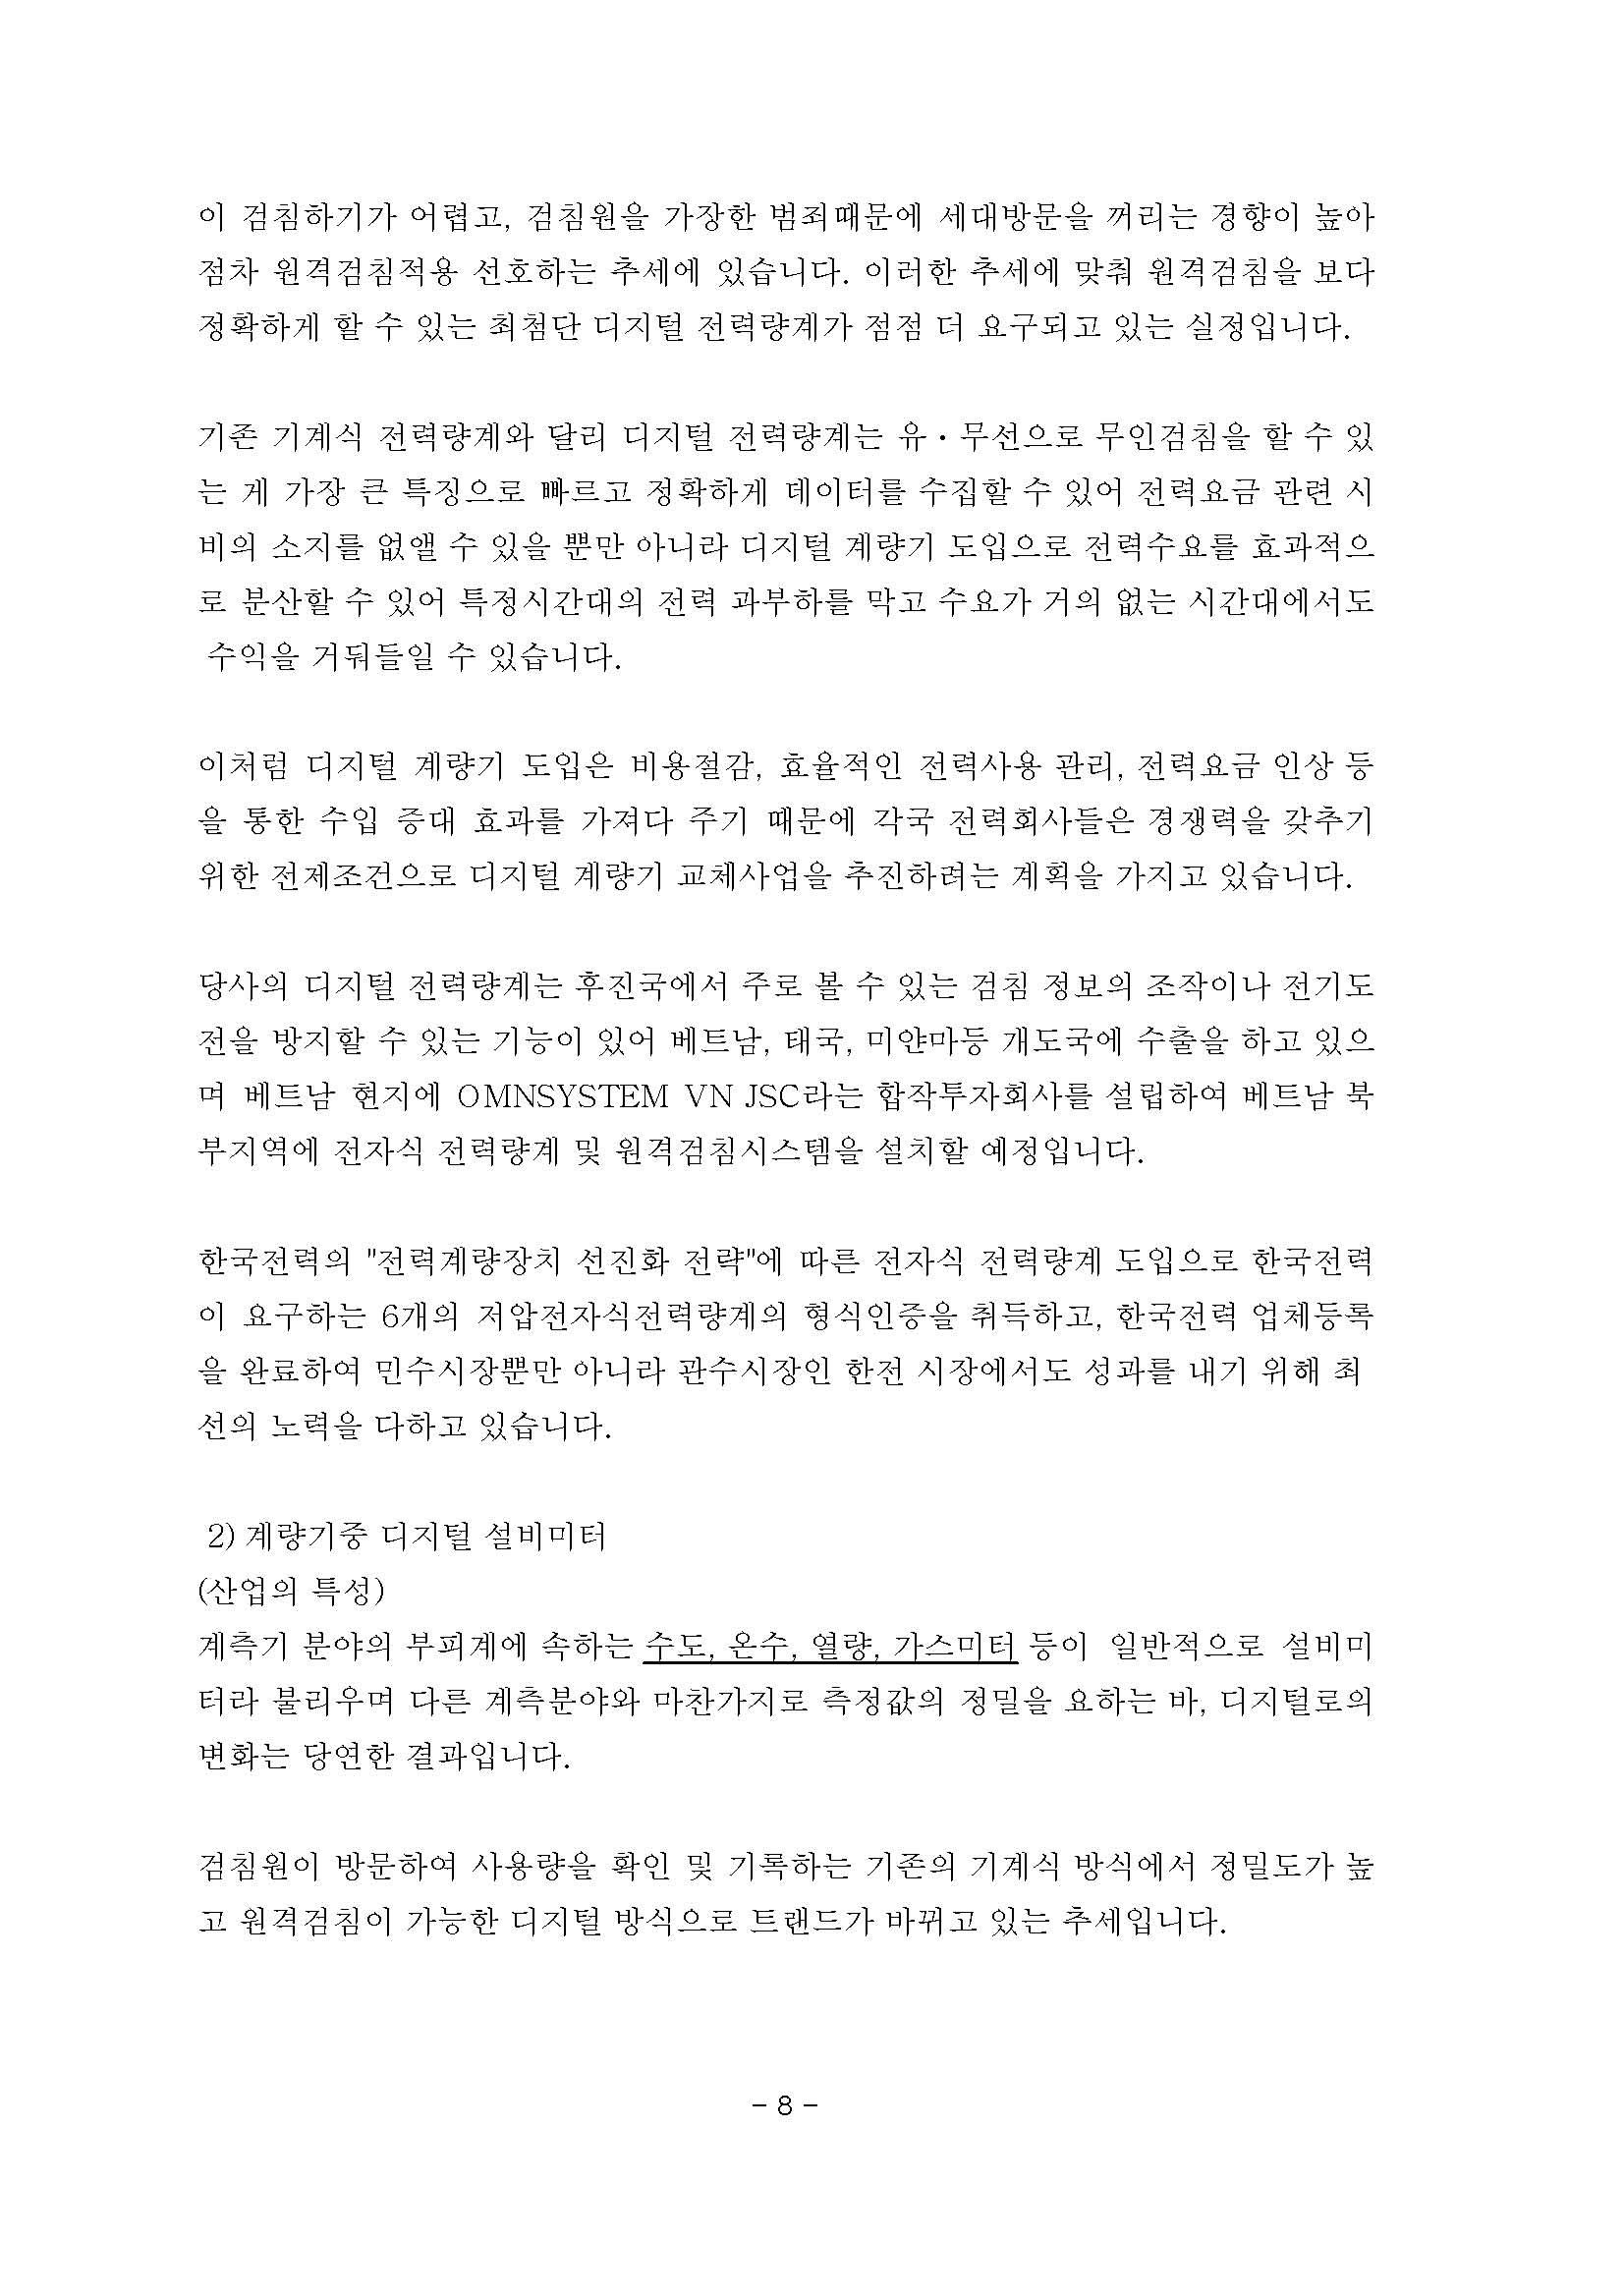 20180309 주주총회 소집공고-옴니시스템_페이지_09.jpg